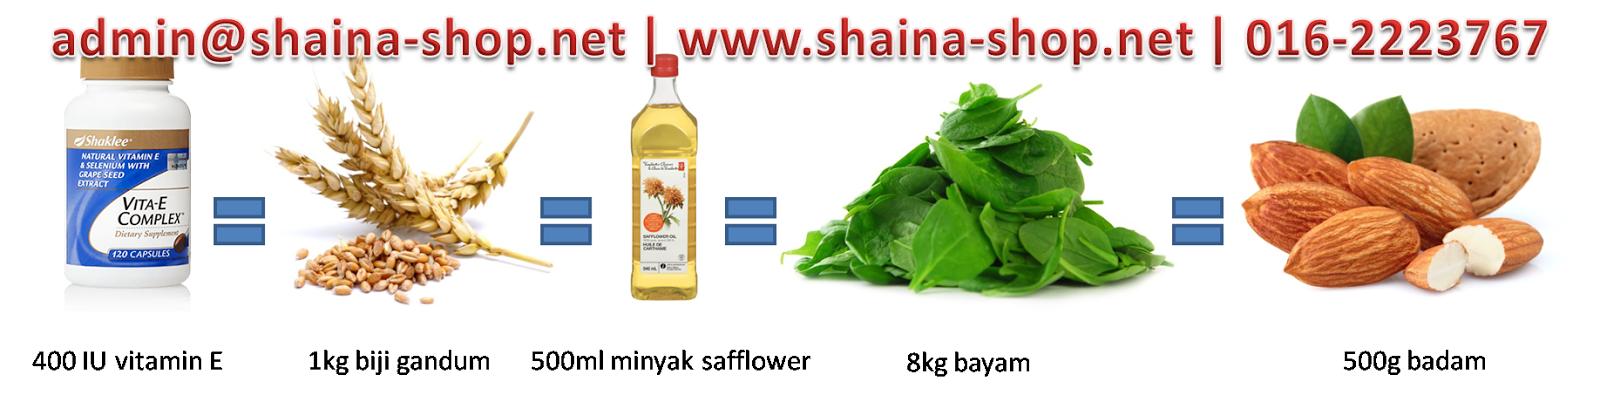 Khasiat 400 IU vitamin E untuk sel tubuh yang sihat melawan radikal bebas adalah bersamaan dengan 1kg biji gandum, 500ml minyak safflower, 8kg bayam dan 500g badam.